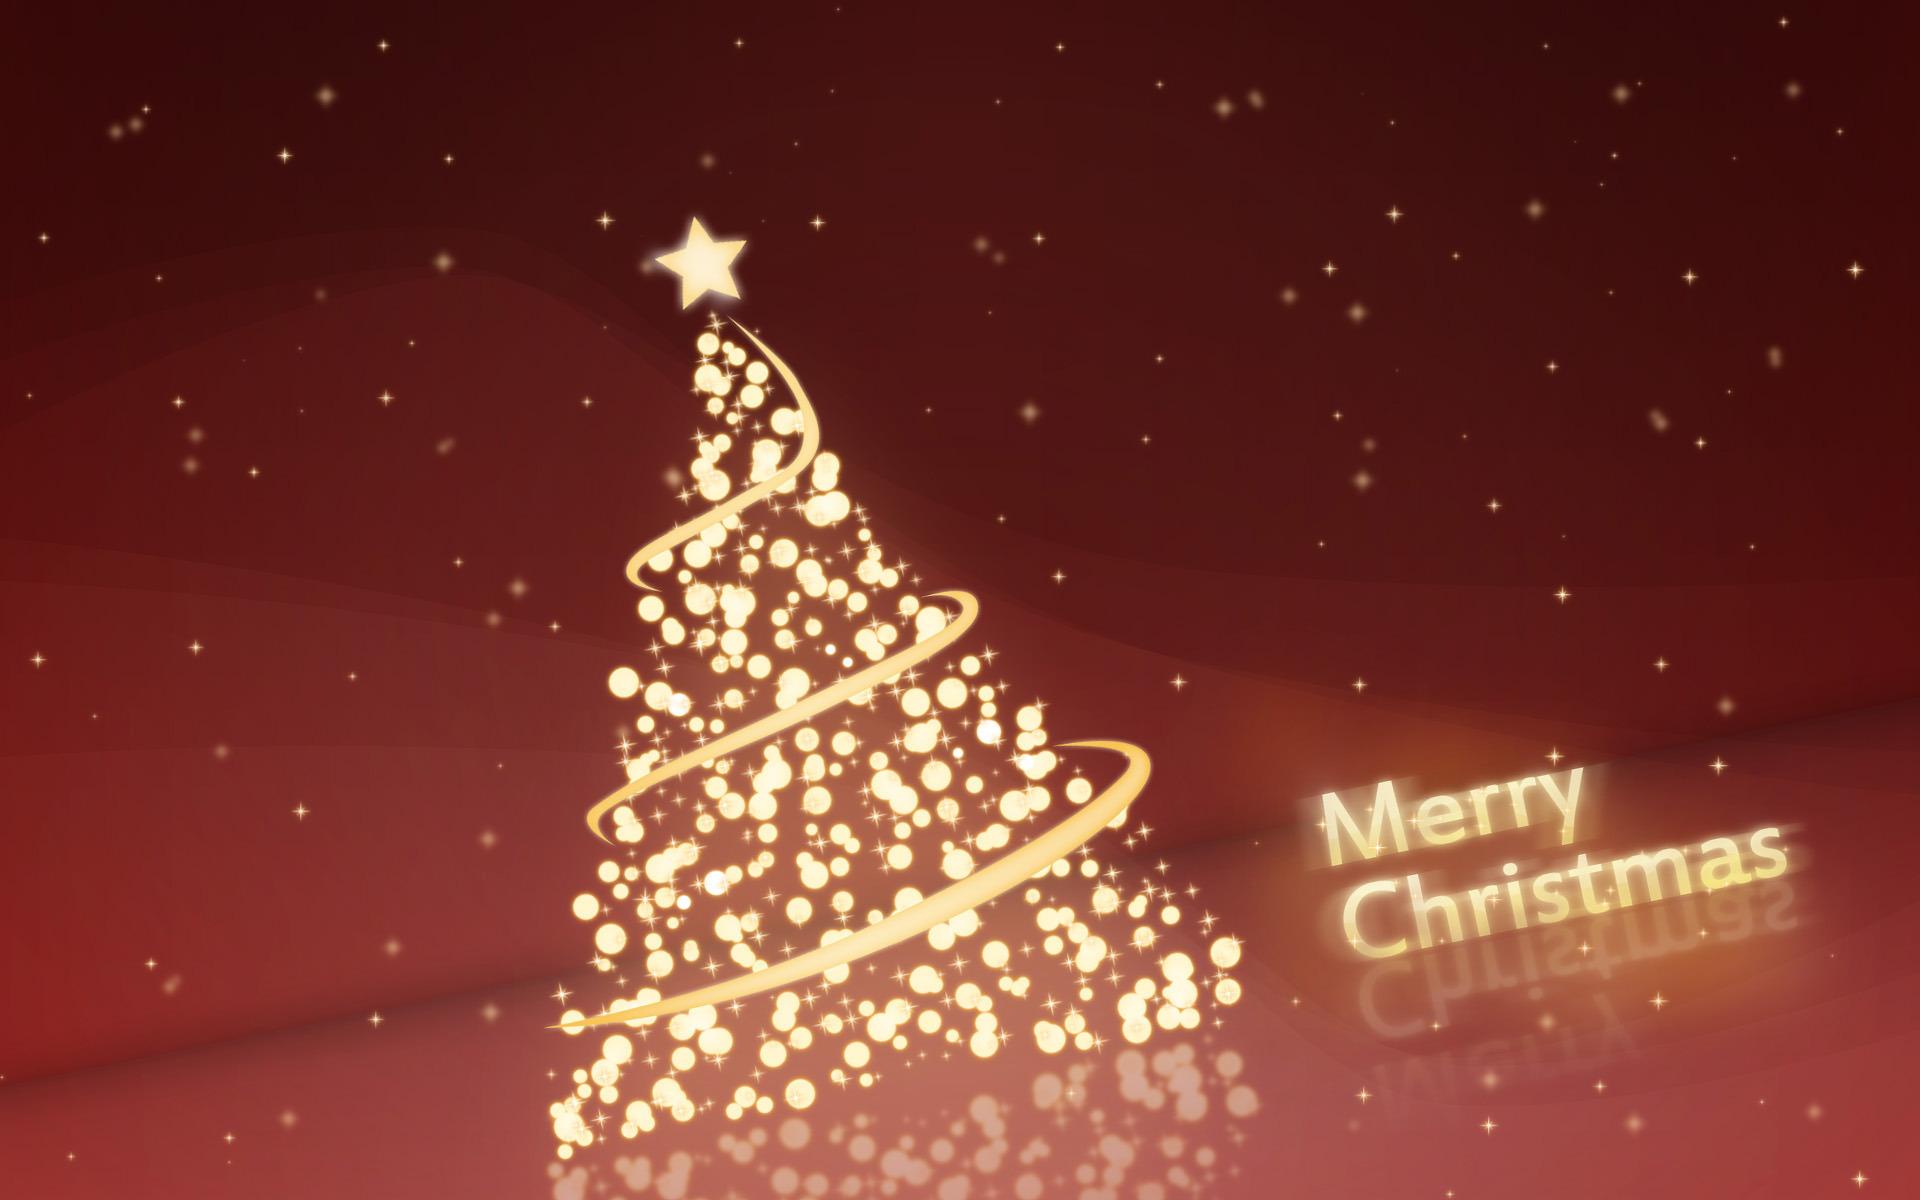 край богатой картинки на рабочий стол рождество пожелания способ